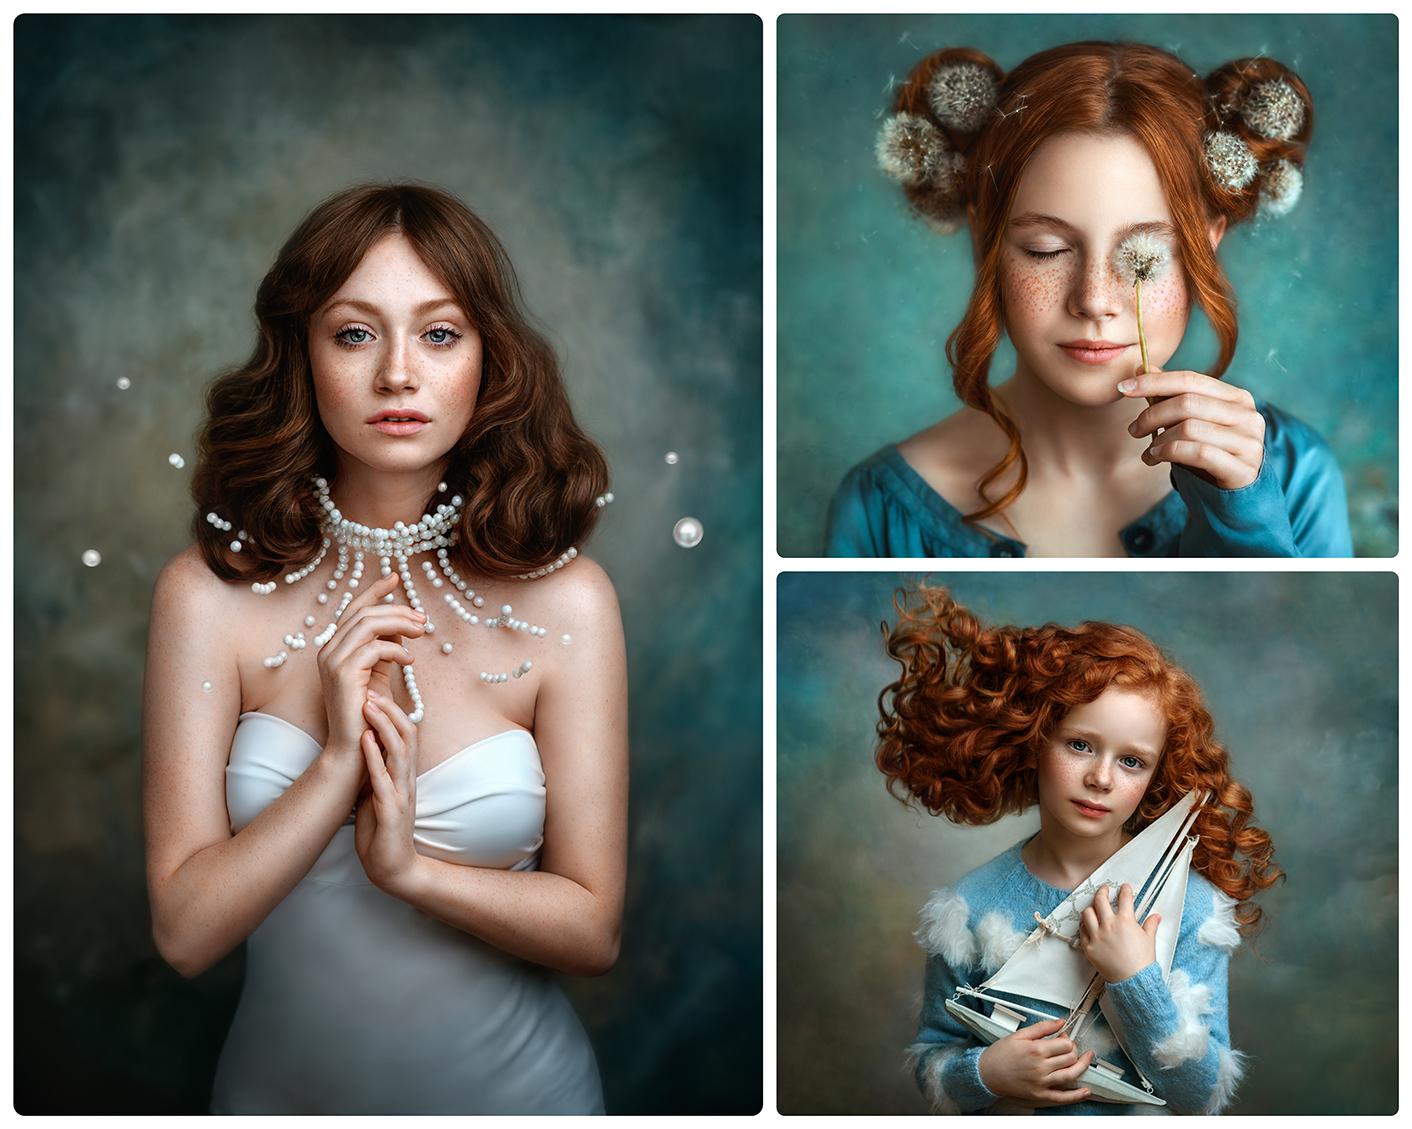 fotografia-fine-art-portret-portrait-masterclass-workshop-photography